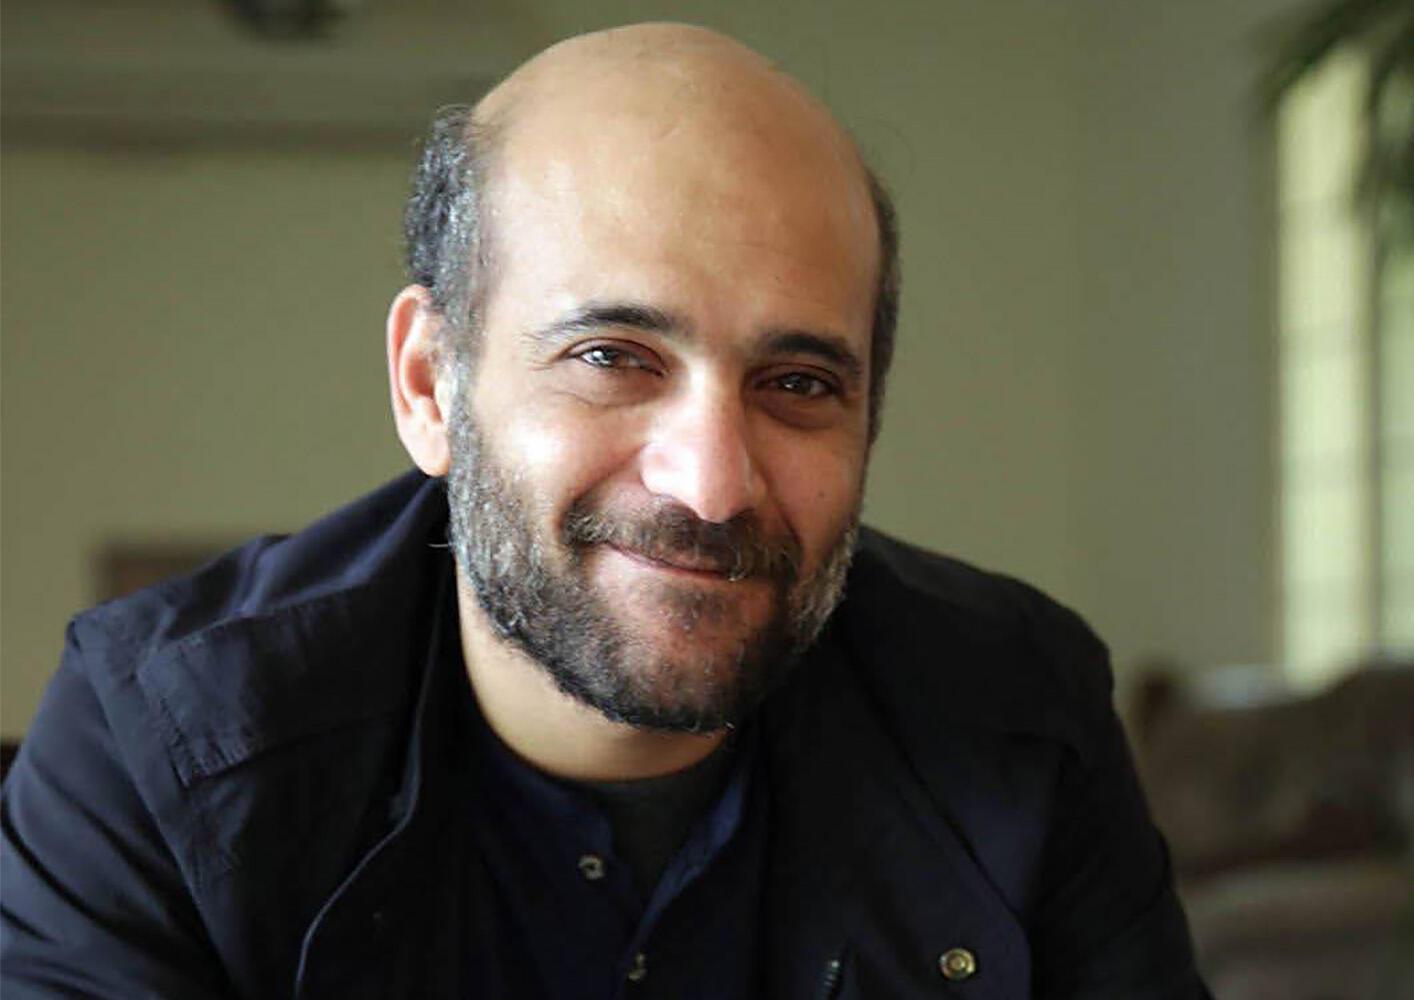 Le militant égyptien-palestinien Ramy Shaath (photo non datée).